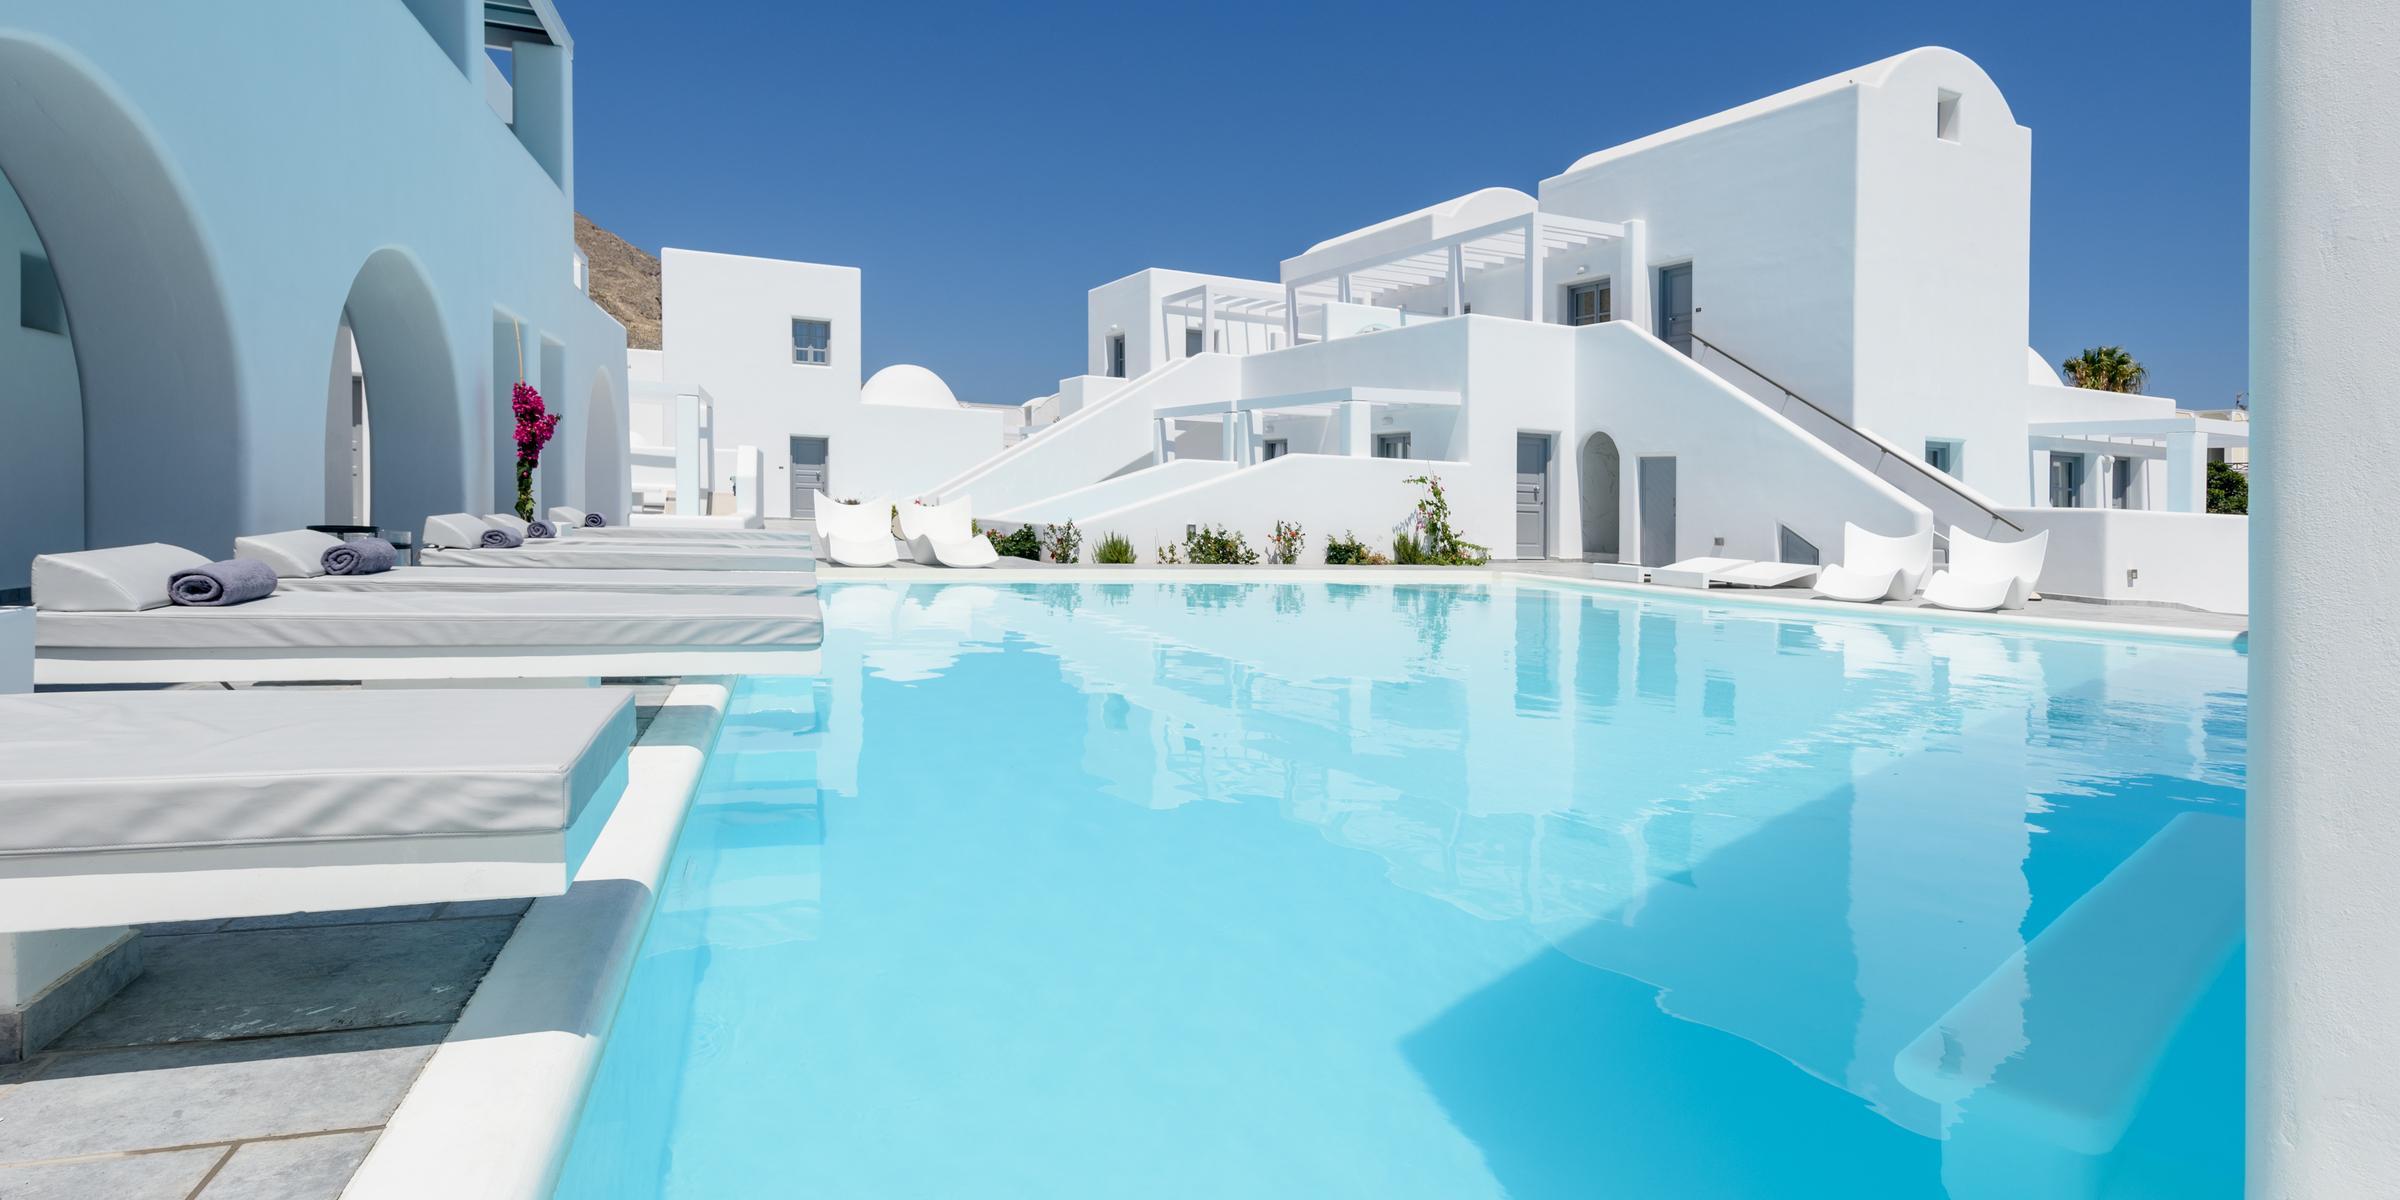 Antoperla Luxury Hotel Spa In Perissa Santorini Holidays From